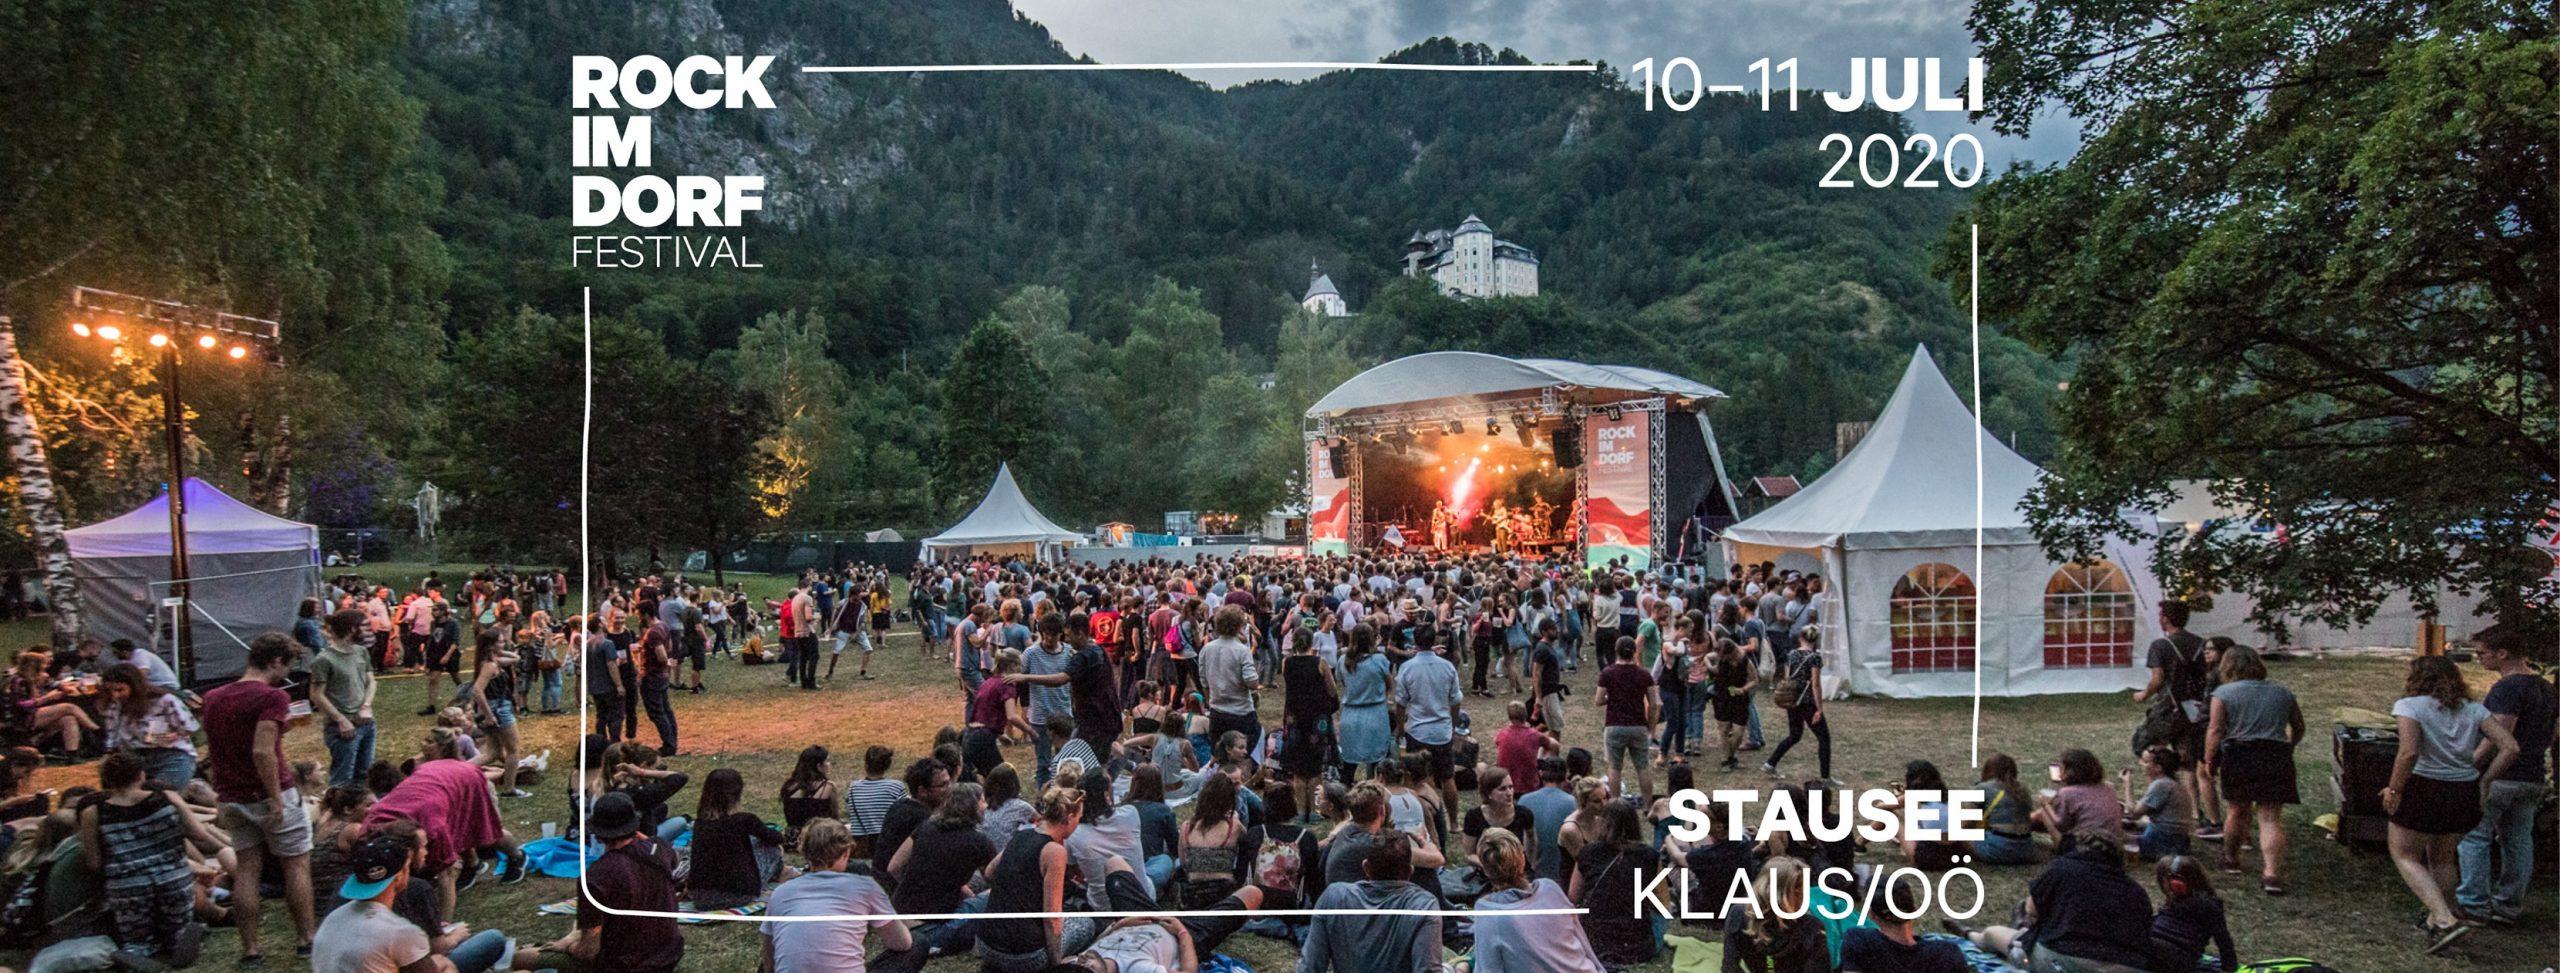 Rock im Dorf 2020 am 10. July 2020 @ Stausee Klaus.